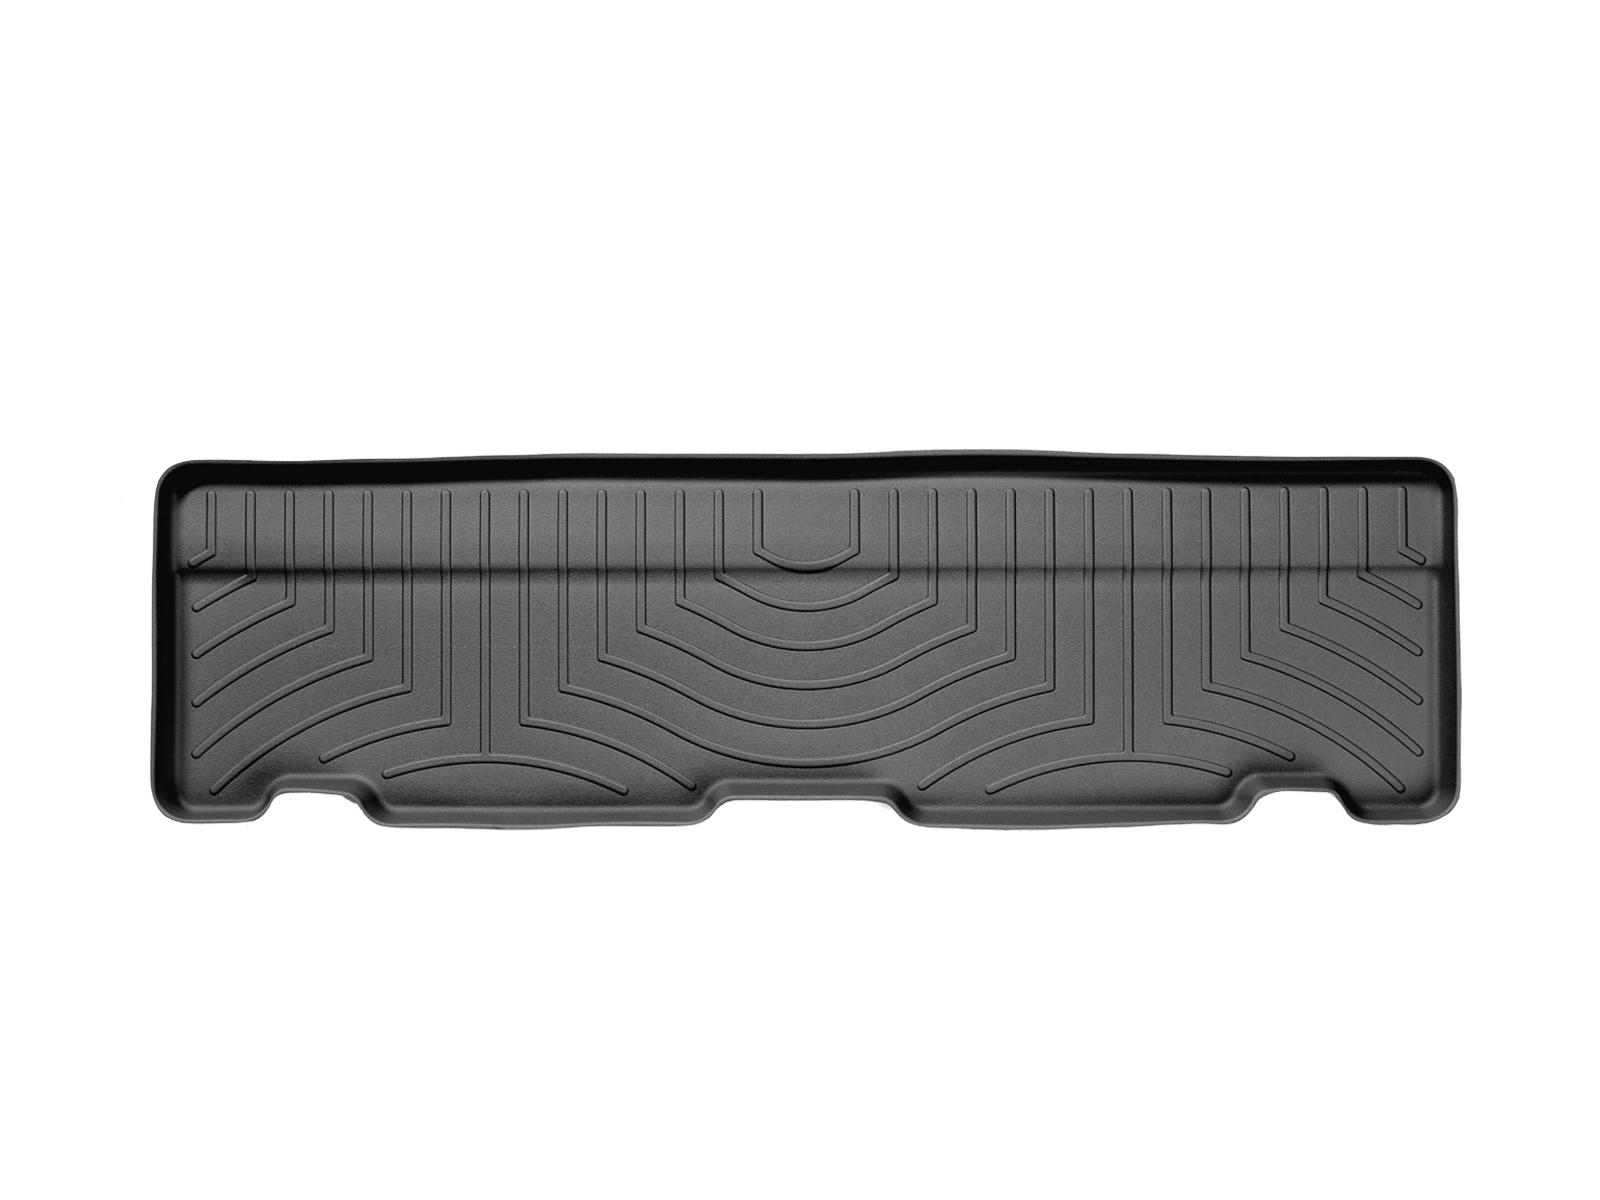 Tappeti gomma su misura bordo alto Cadillac Escalade 02>06 Nero A14*